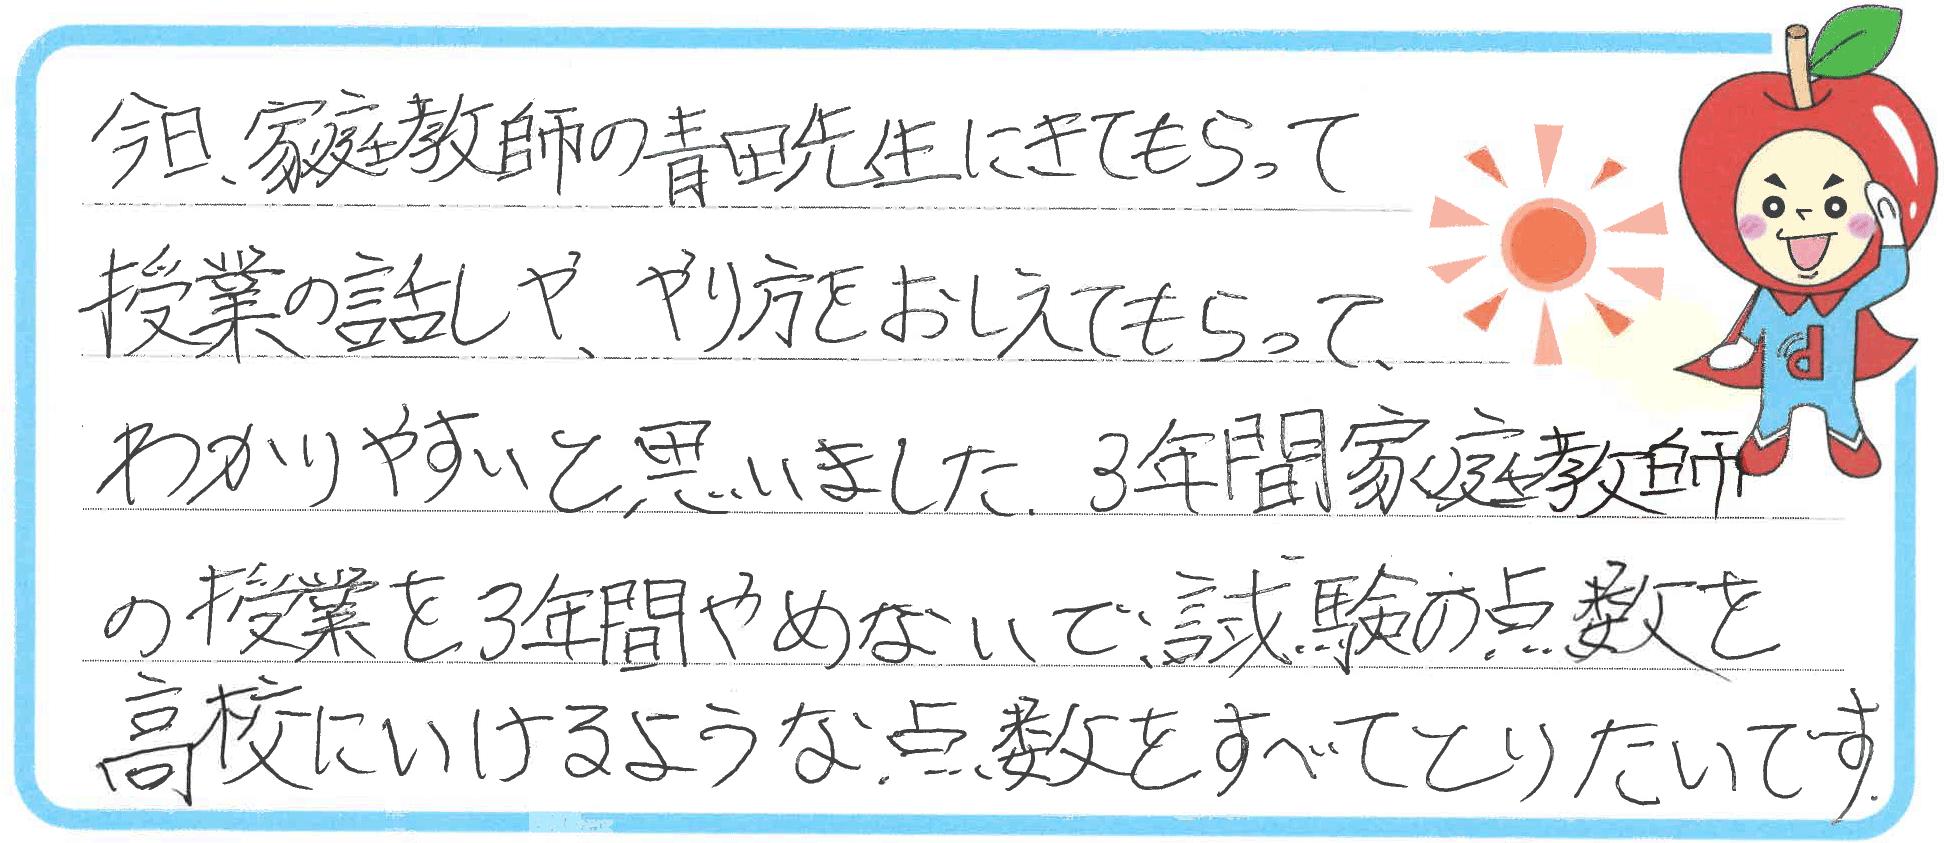 りょく君(東広島市)からの口コミ